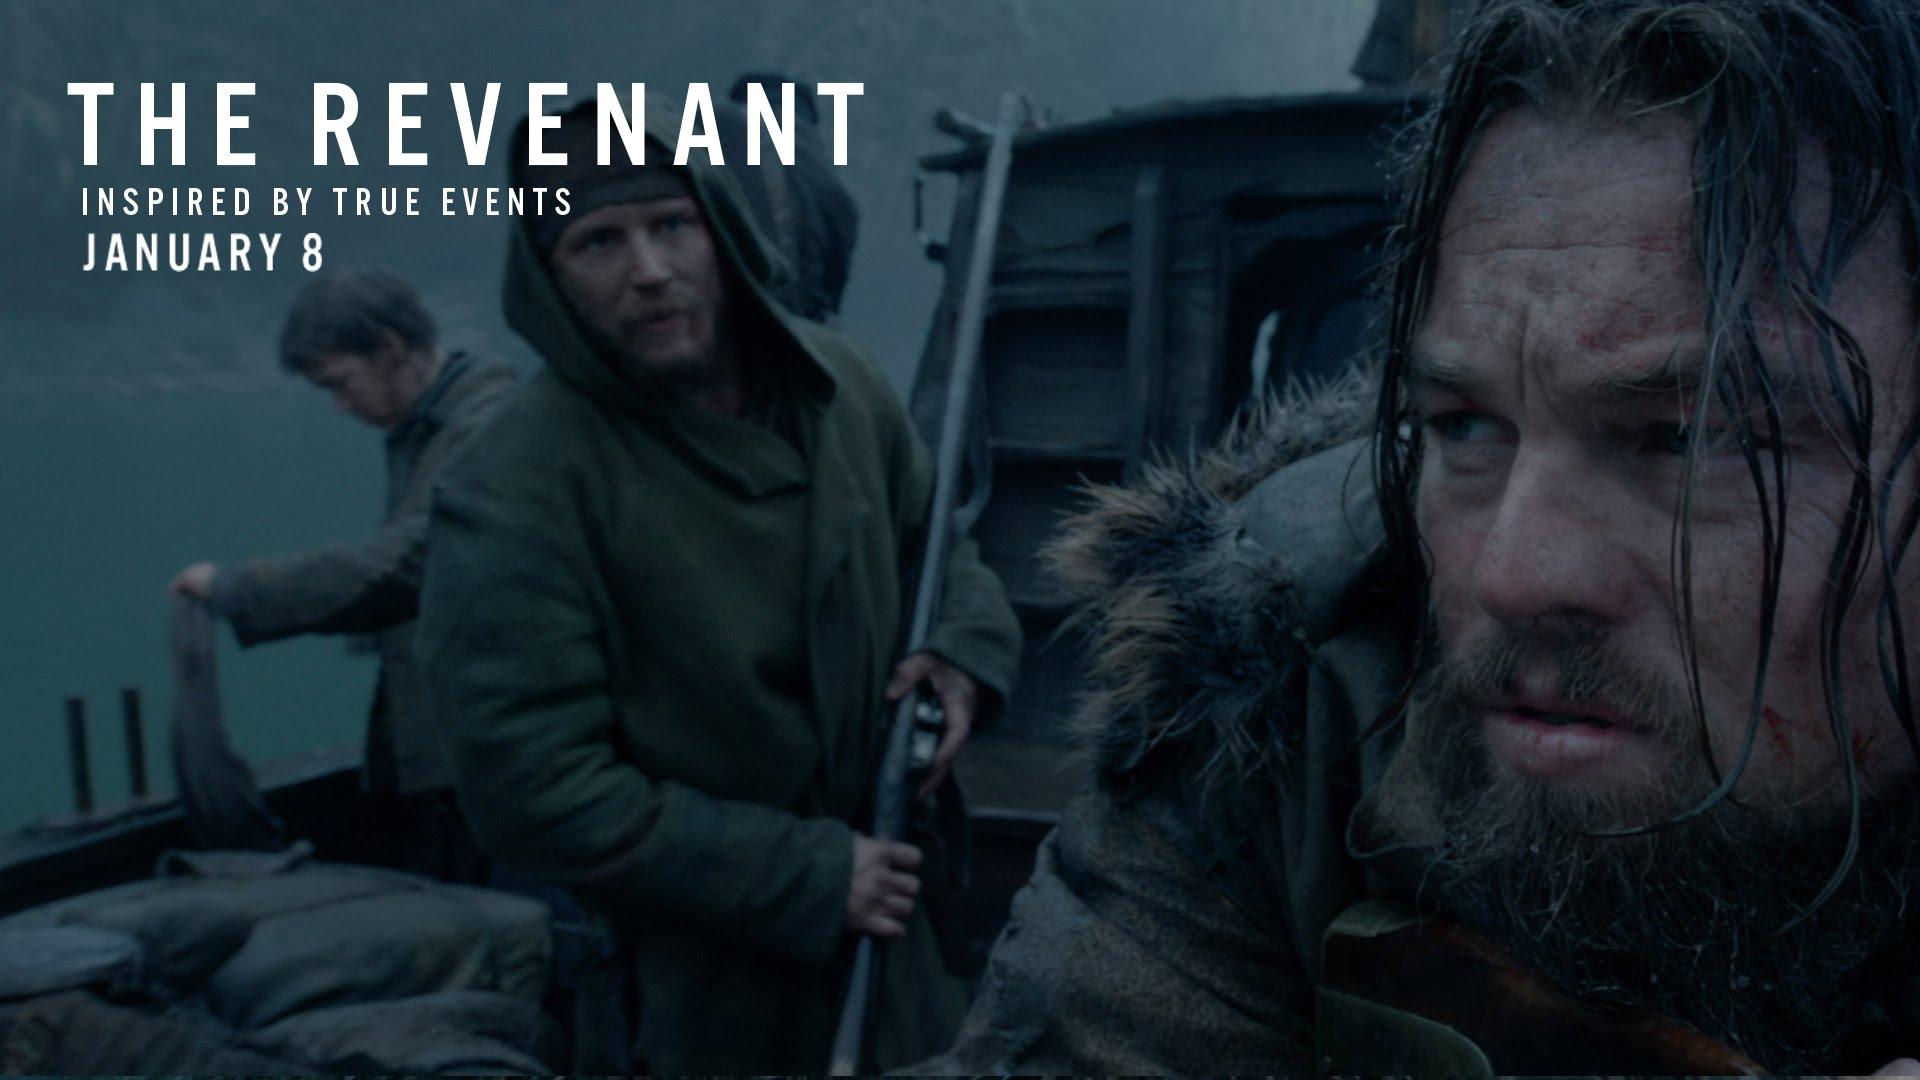 The Revenant (2015) video/trailer